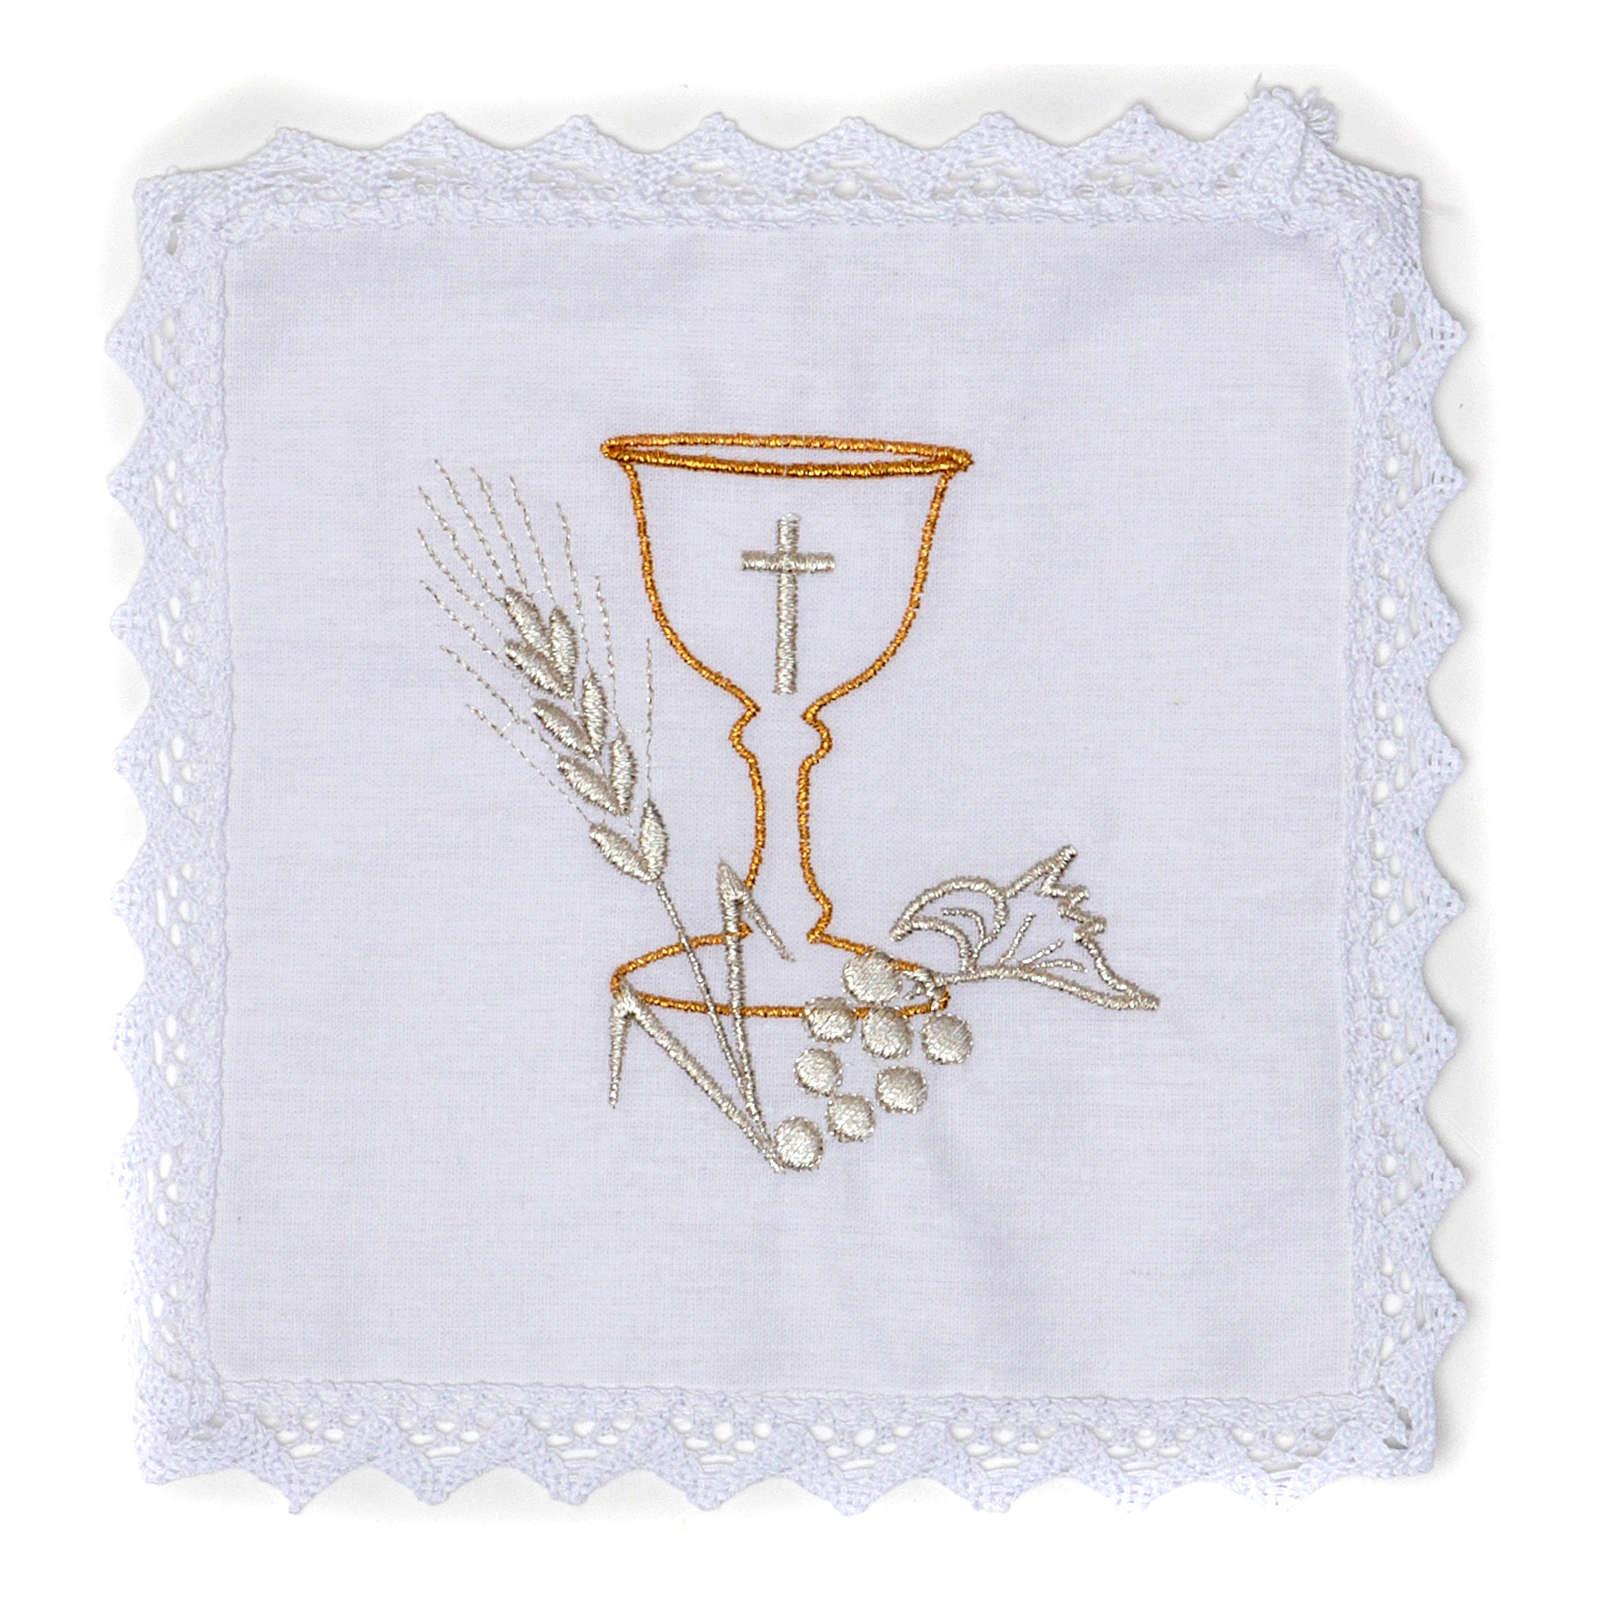 Servizio da altare Calice in puro cotone 4